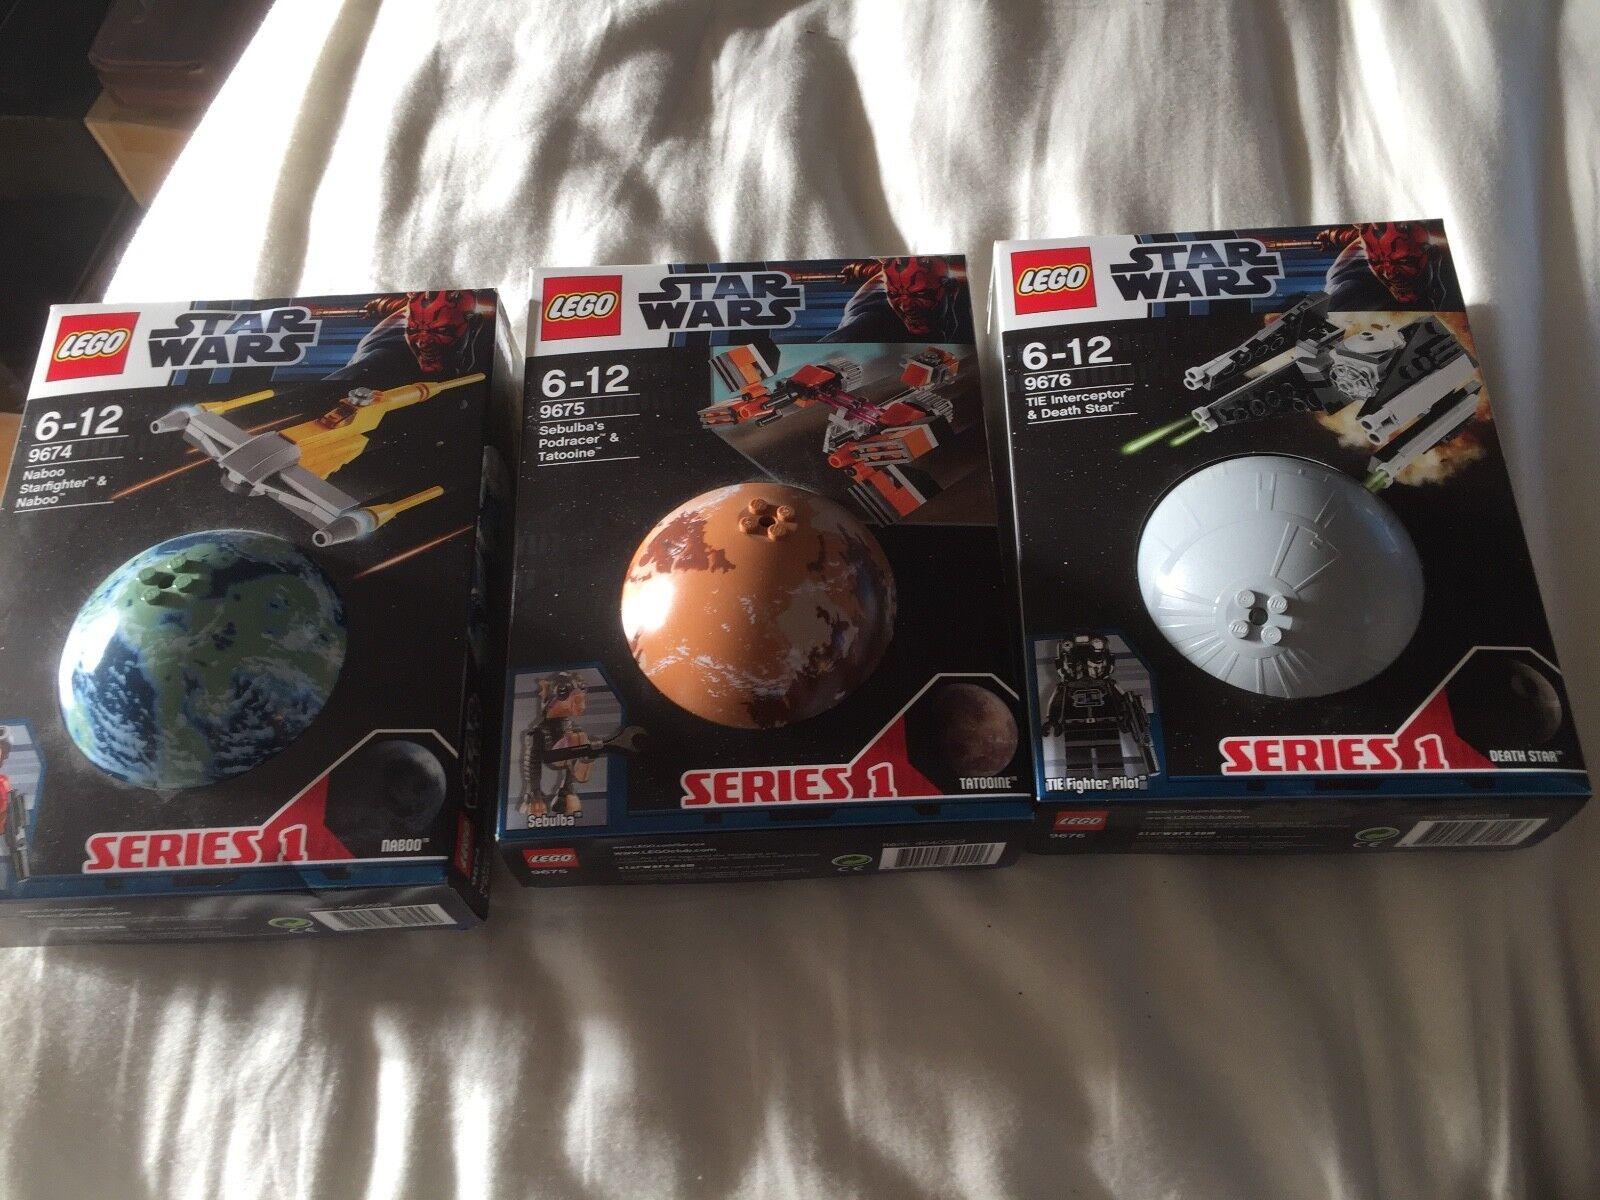 LEGO estrella guerras 9674 9675 9676  SERIE 1 NUOVO SIGILLATO Scatole Set Completo Completo  shopping online e negozio di moda